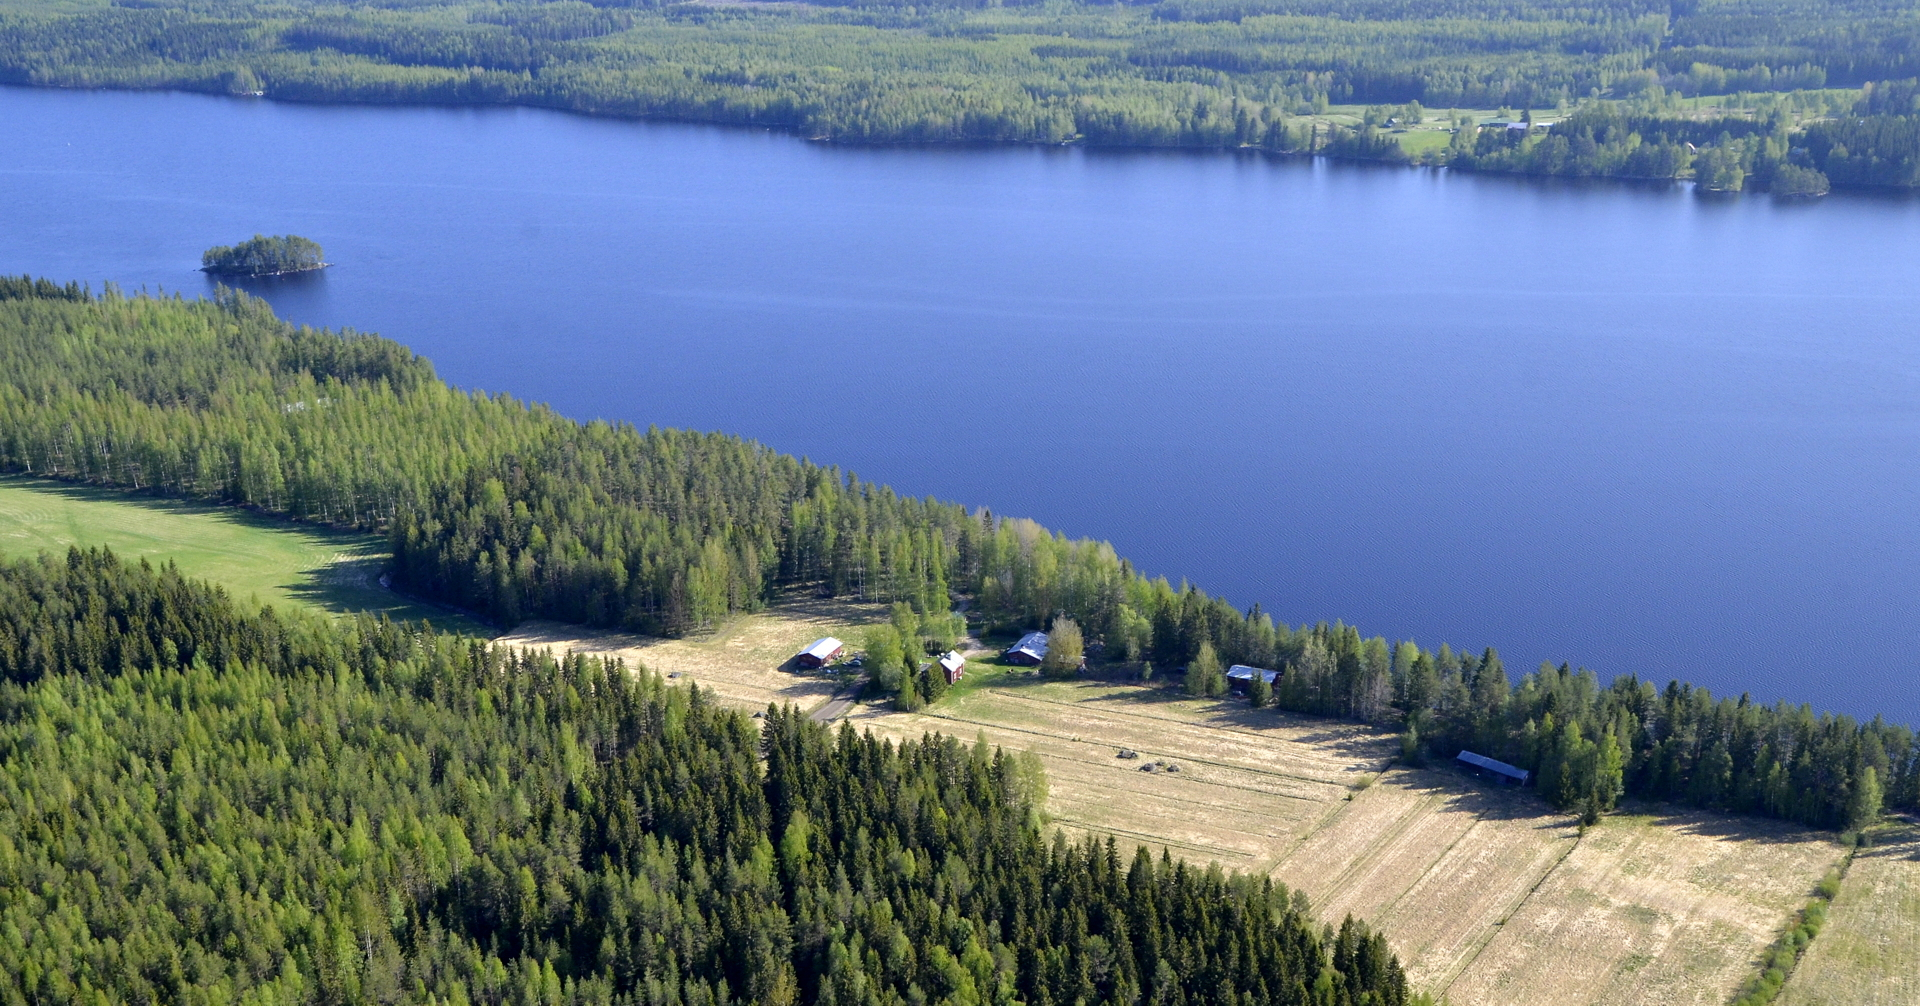 Vasemmalla Tolpansaari ja veden takarannalla Purala. Tila rannalla on Piilola.